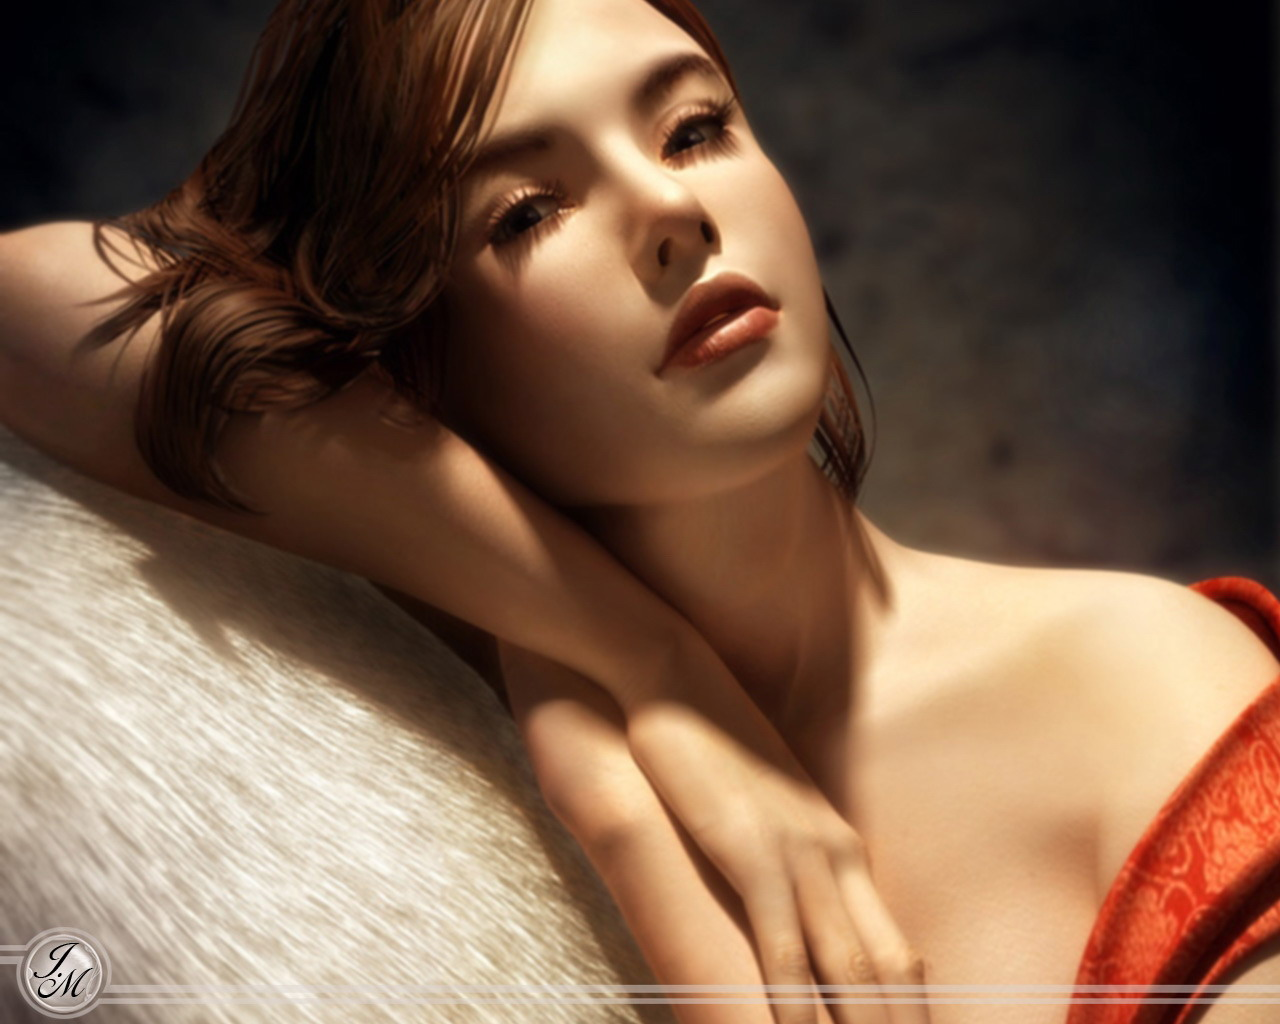 http://3.bp.blogspot.com/-r3urhAGADIQ/URyXd-iIJ2I/AAAAAAAAF0M/BzaJkjOOpZM/s1600/girls_3c26abba.jpg